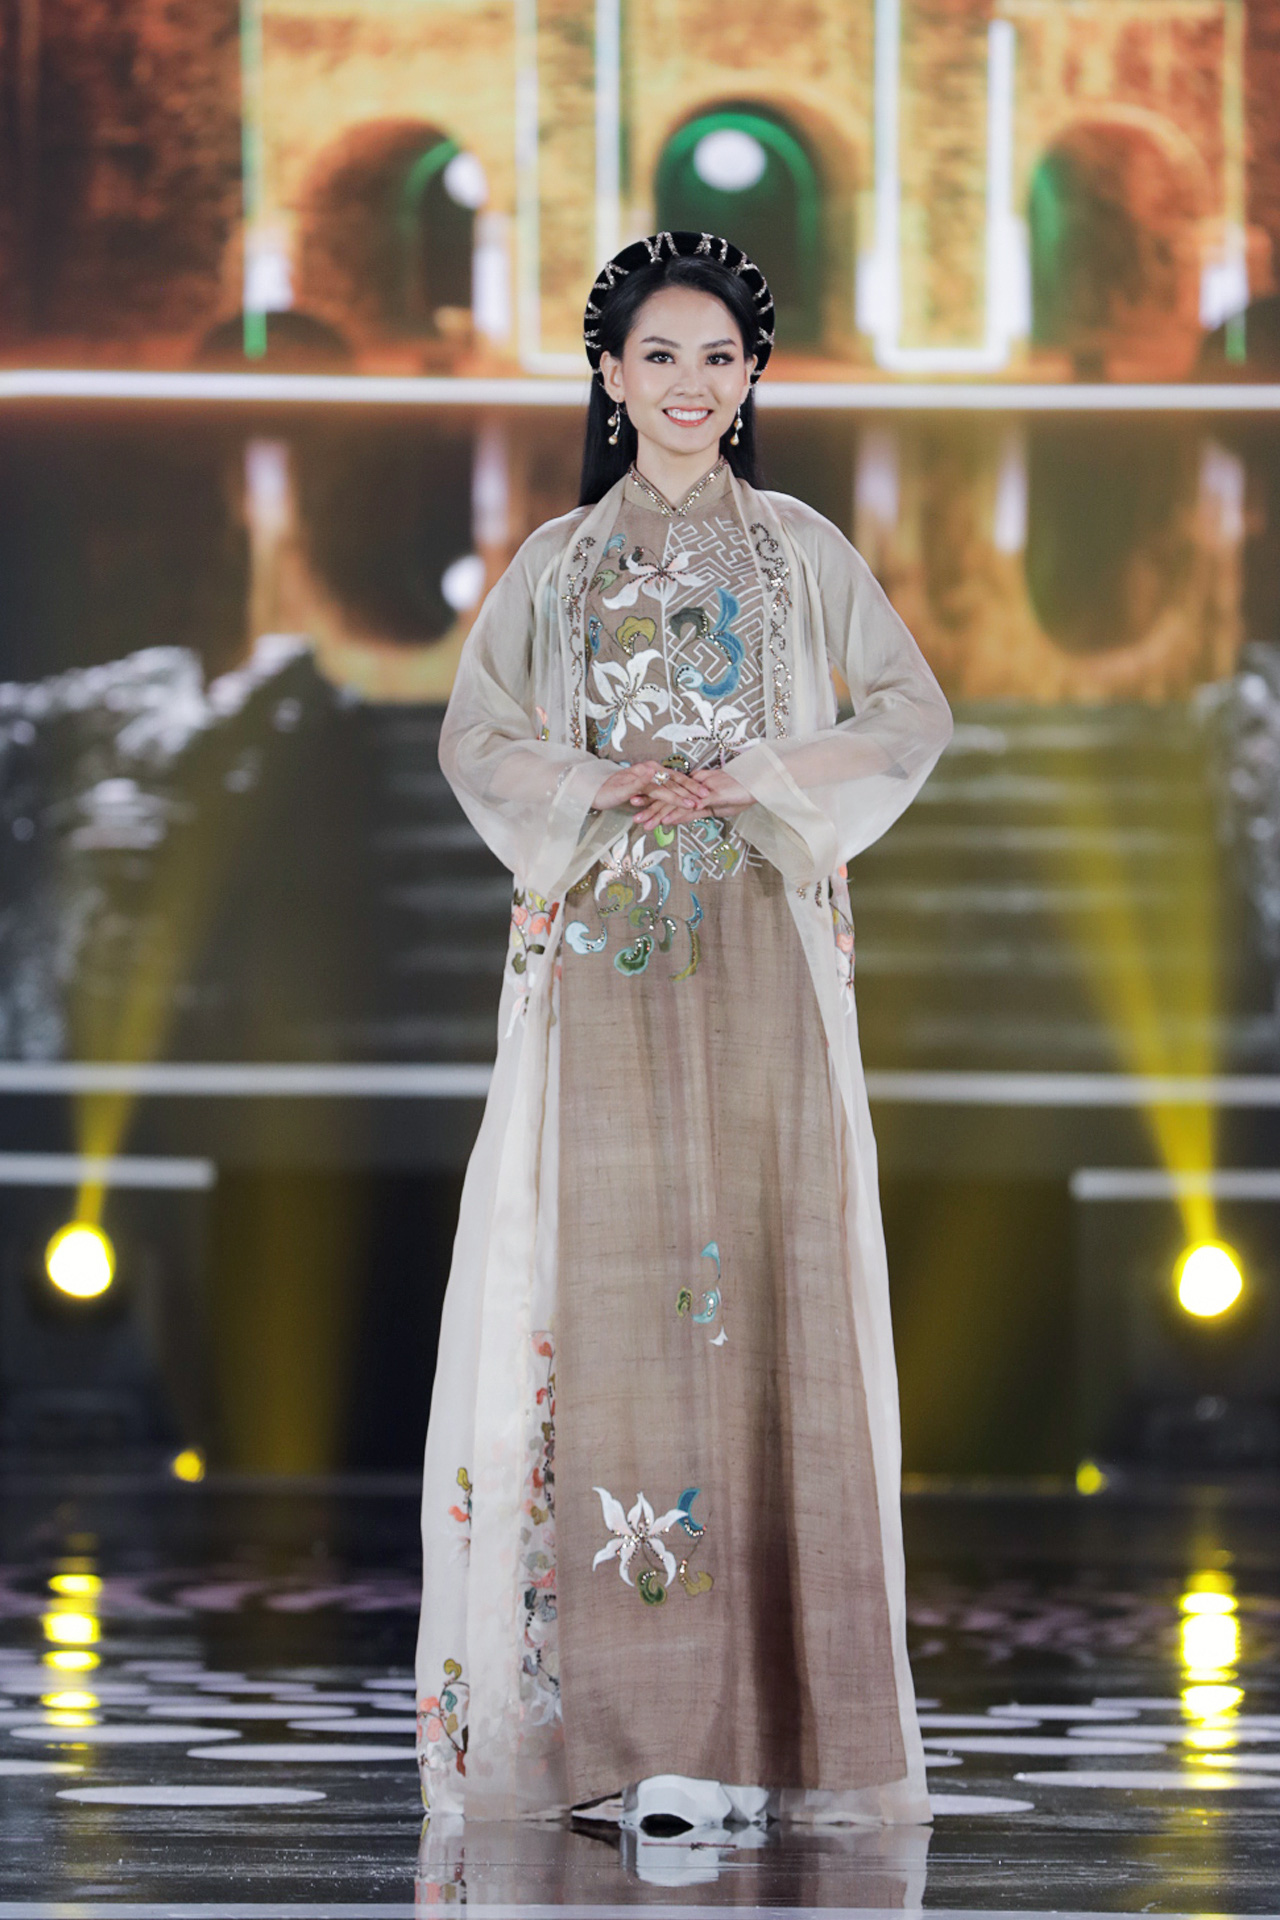 5 Hoa hậu mặc áo dài đọ sắc Chung kết Hoa hậu Việt Nam: Đặng Thu Thảo đẹp tựa nữ thần,  - Ảnh 14.